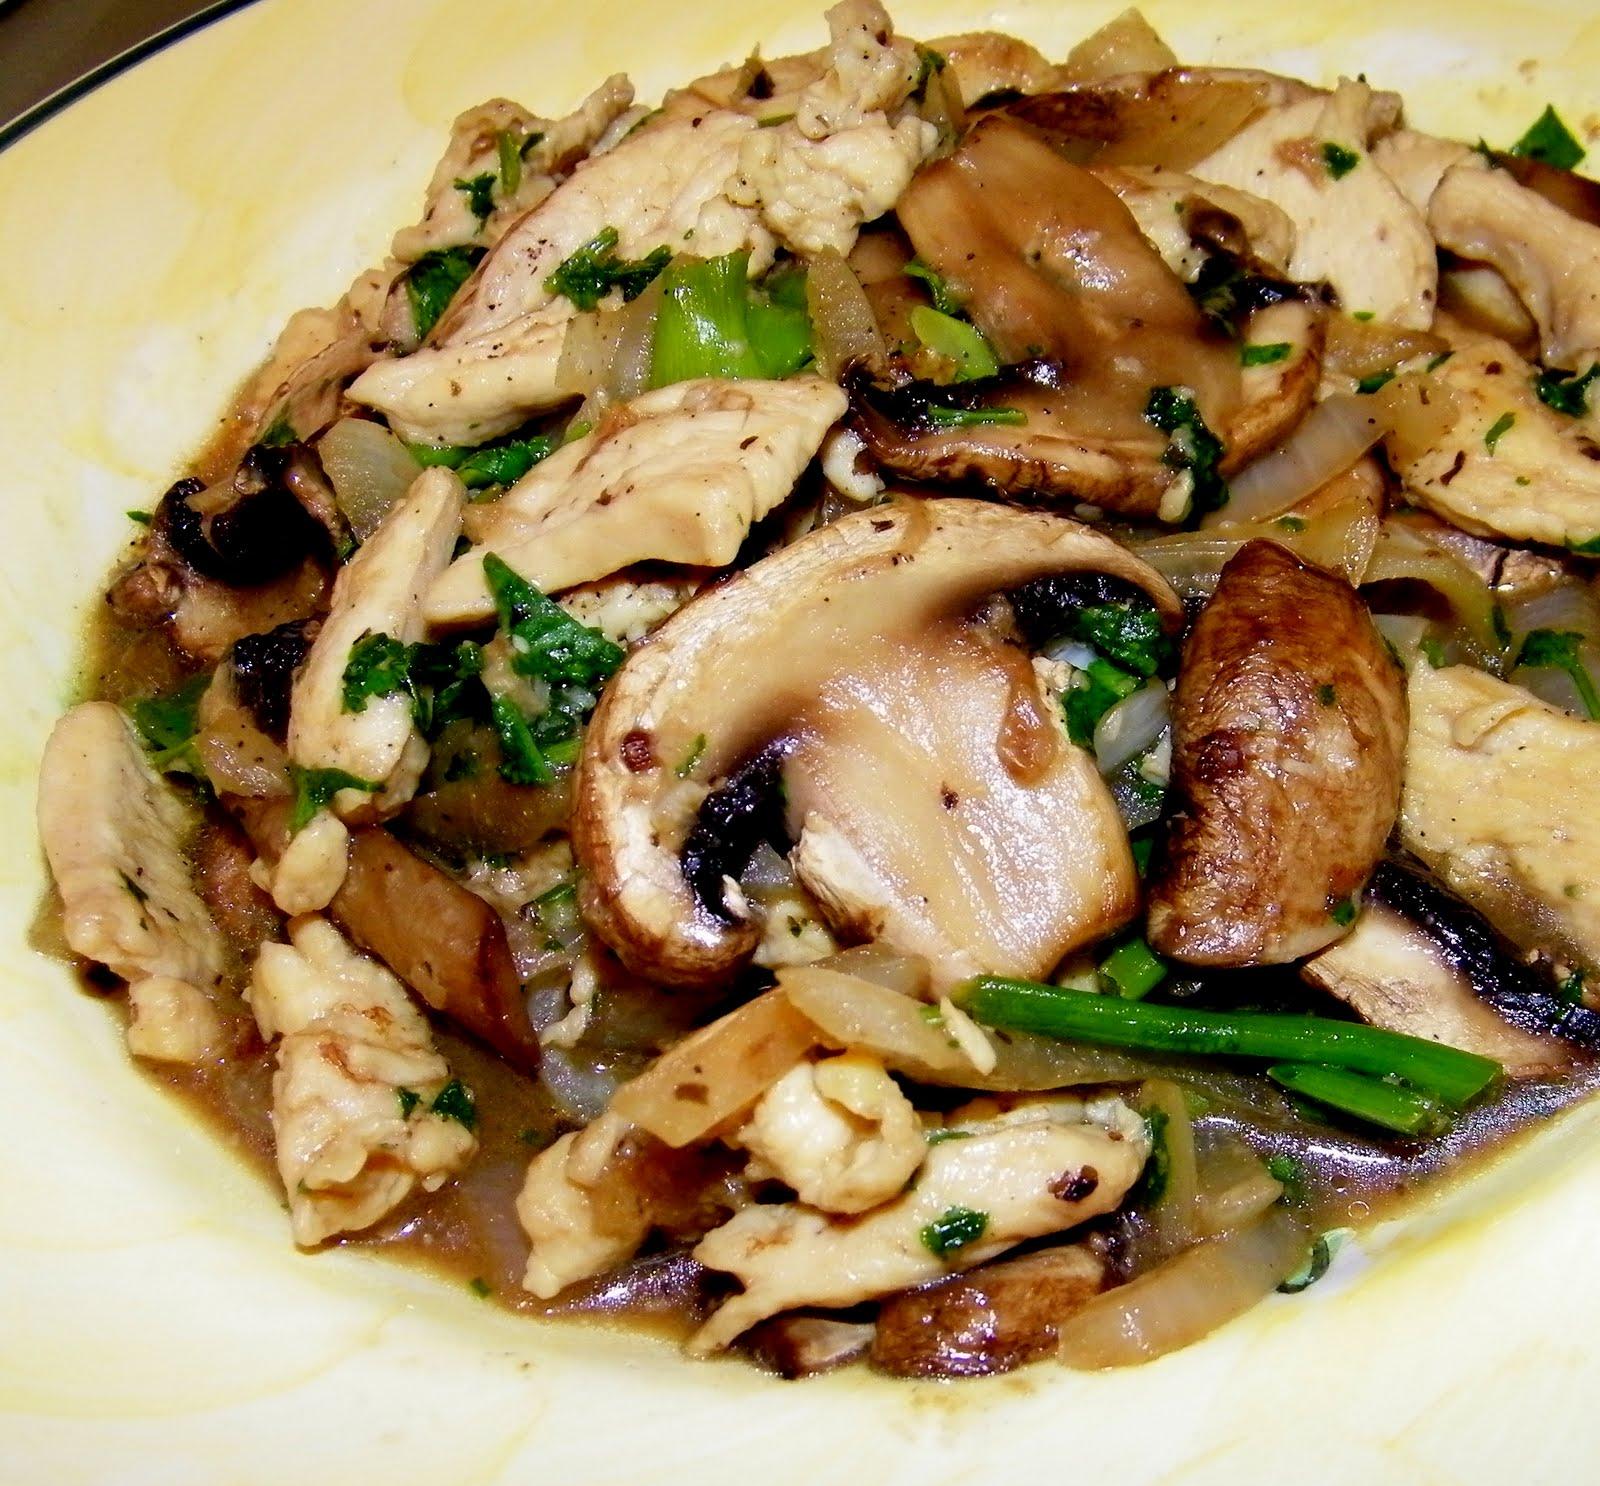 cremini mushrooms picture